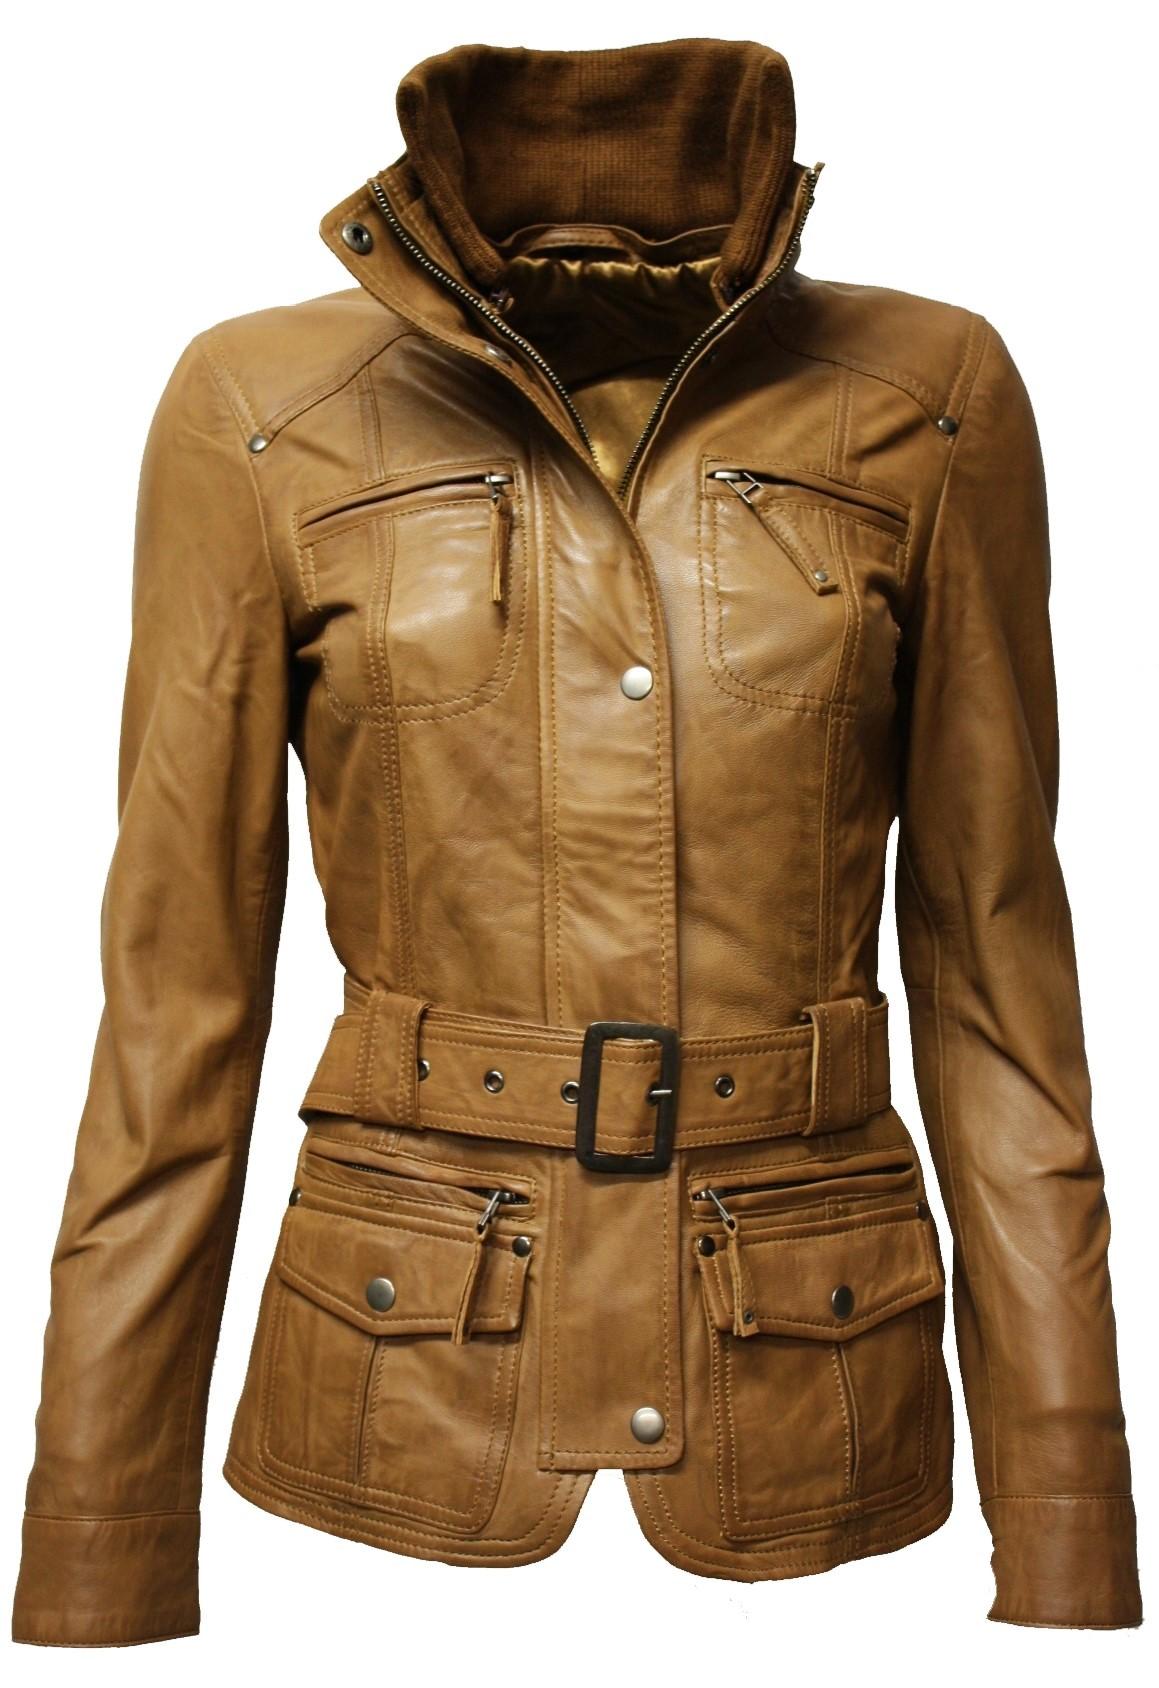 hochwertige Materialien Angebot günstig kaufen Damen Lederjacke